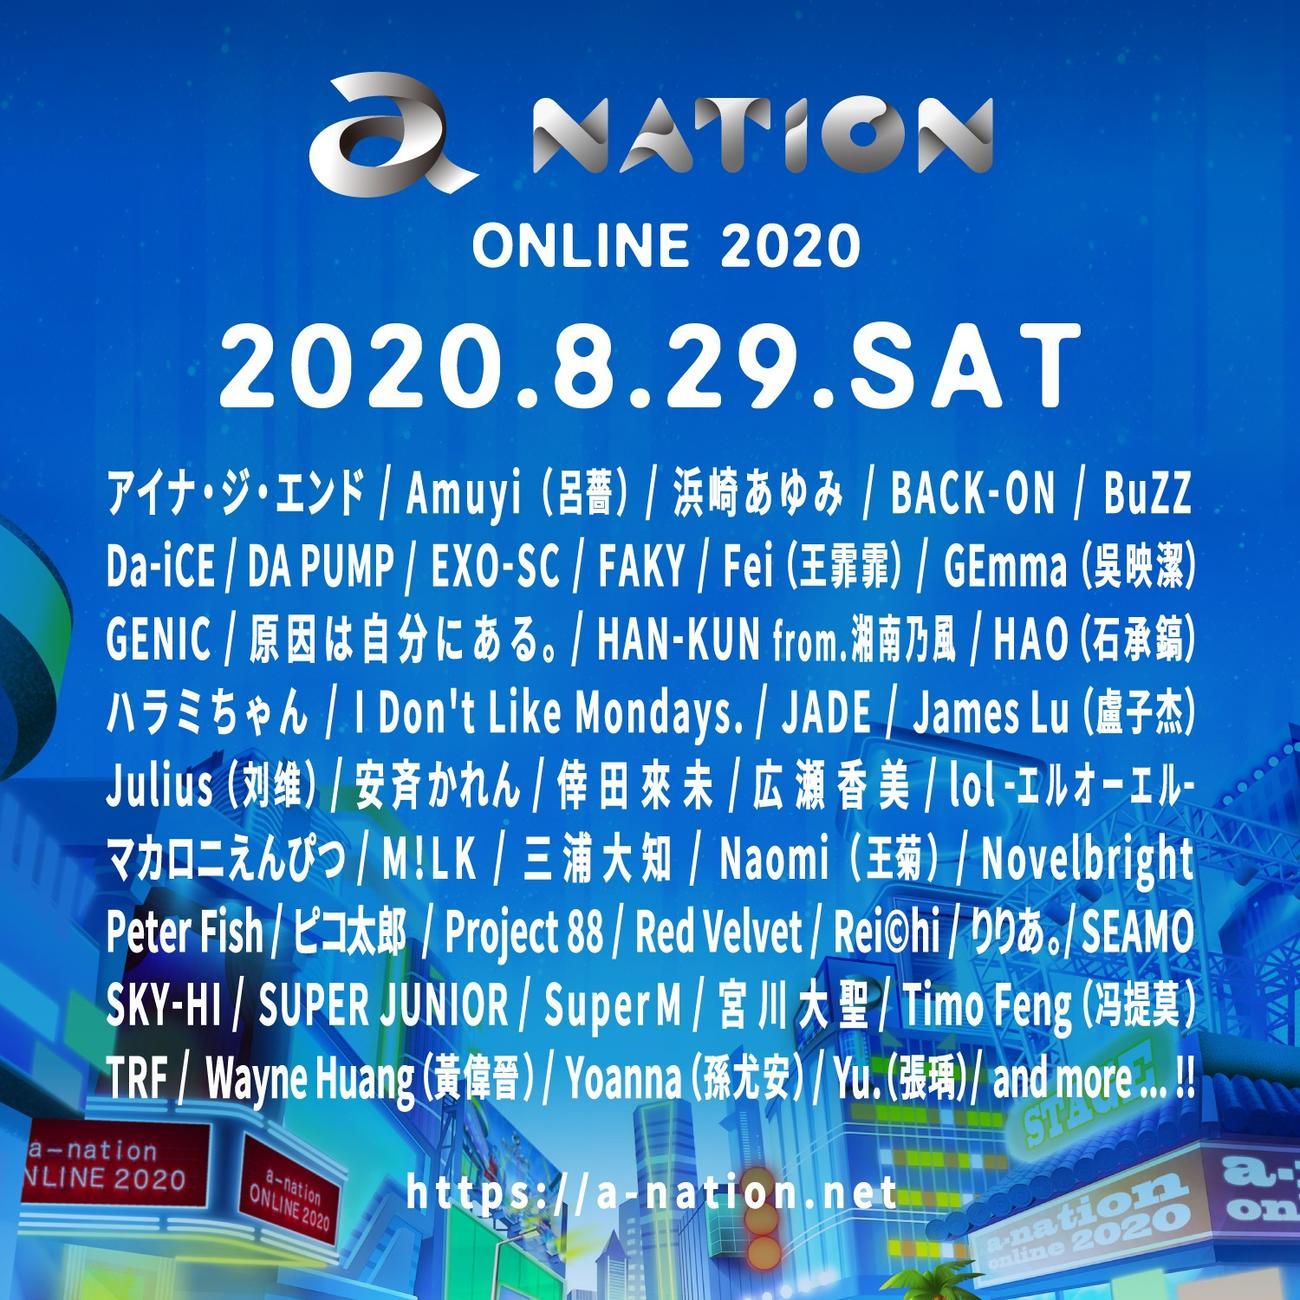 8月29日に開催されるオンライン音楽フェス「a-nation online 2020」の第1弾出演アーティスト